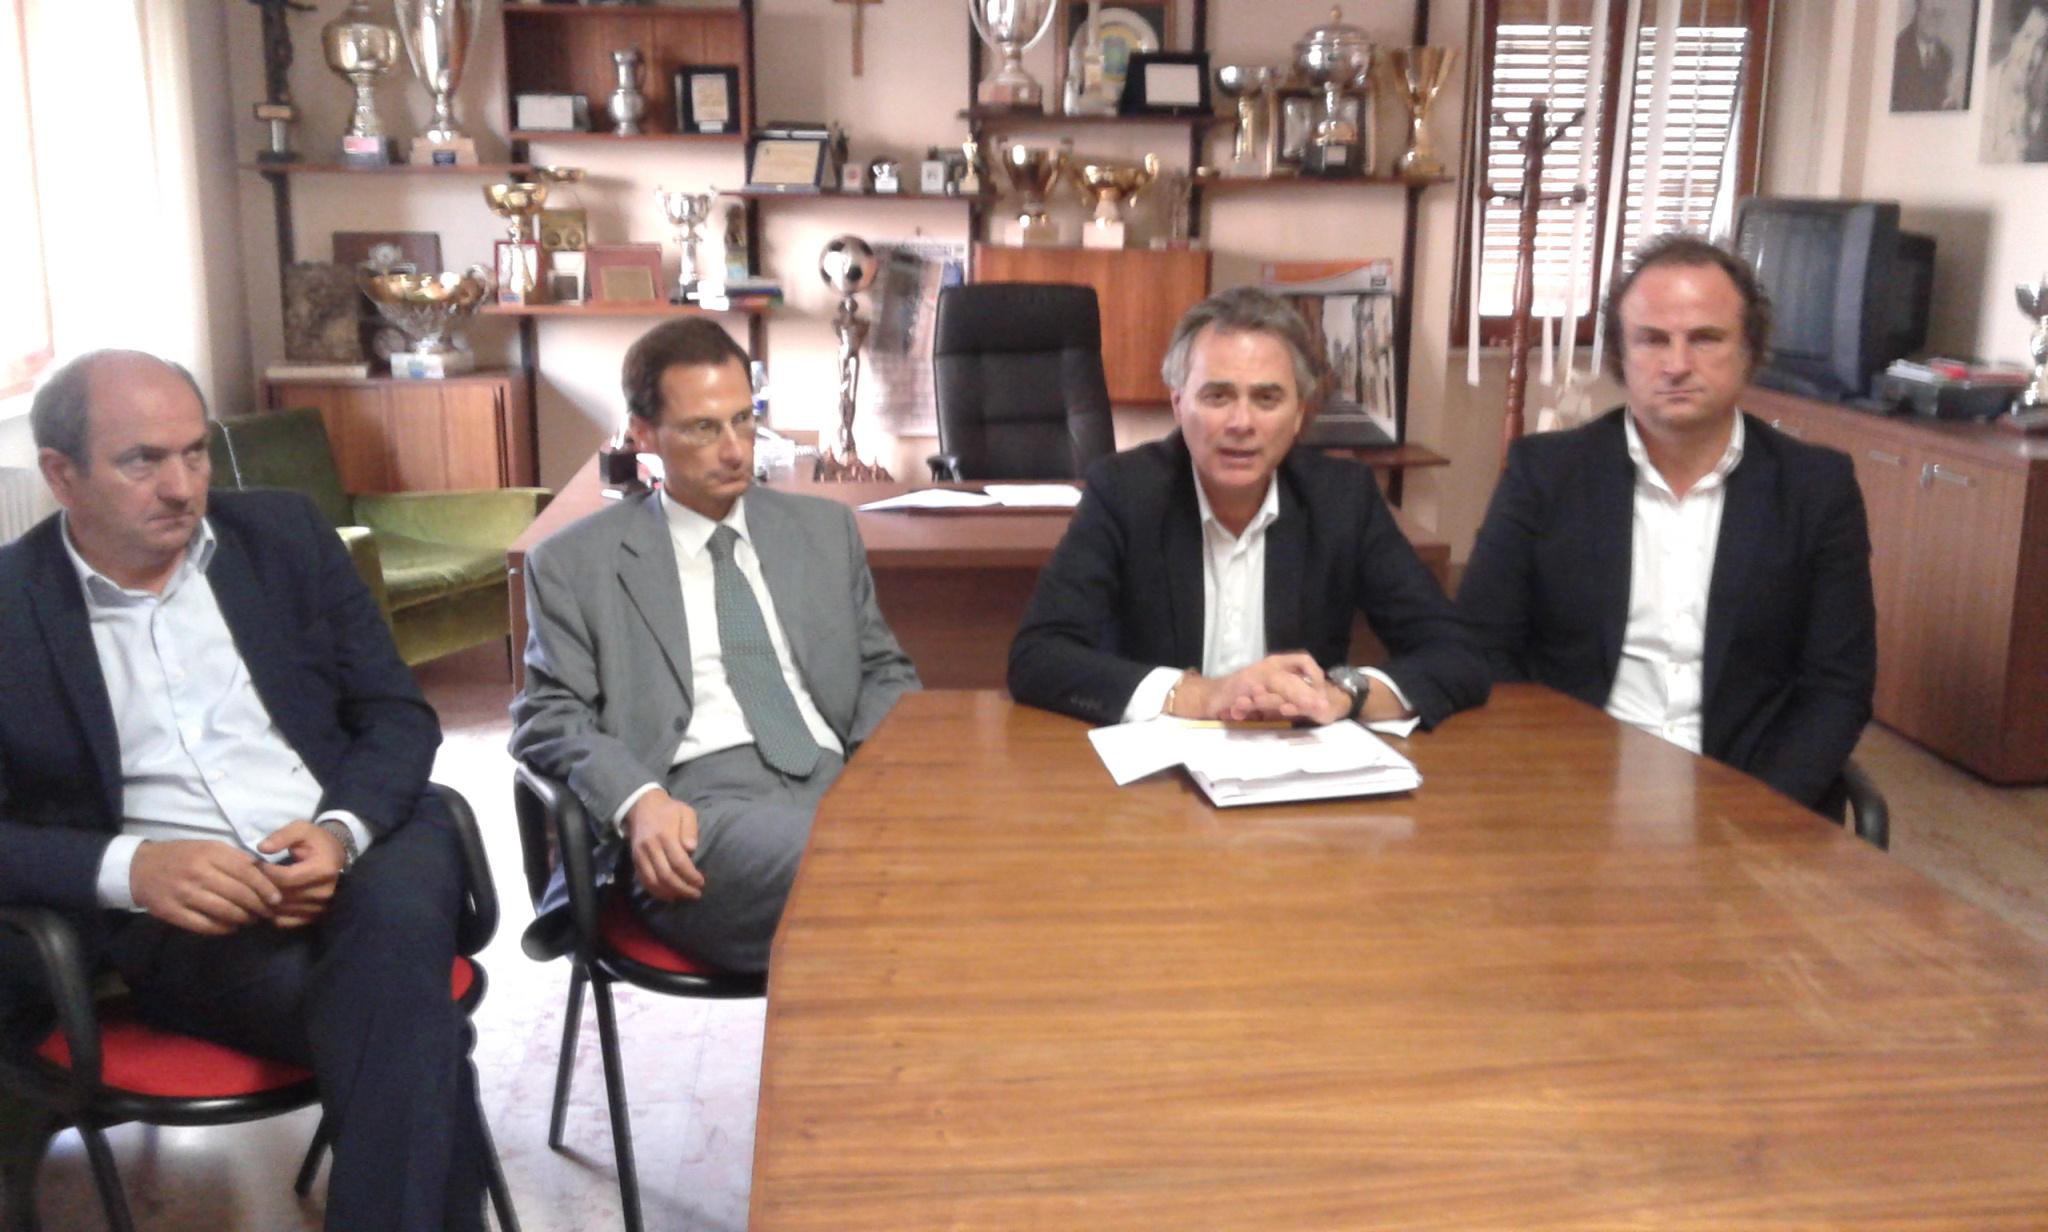 Da sinistra: il ds Fabiani e i tre componenti del cda, Tentoni, Manocchio e Stallone